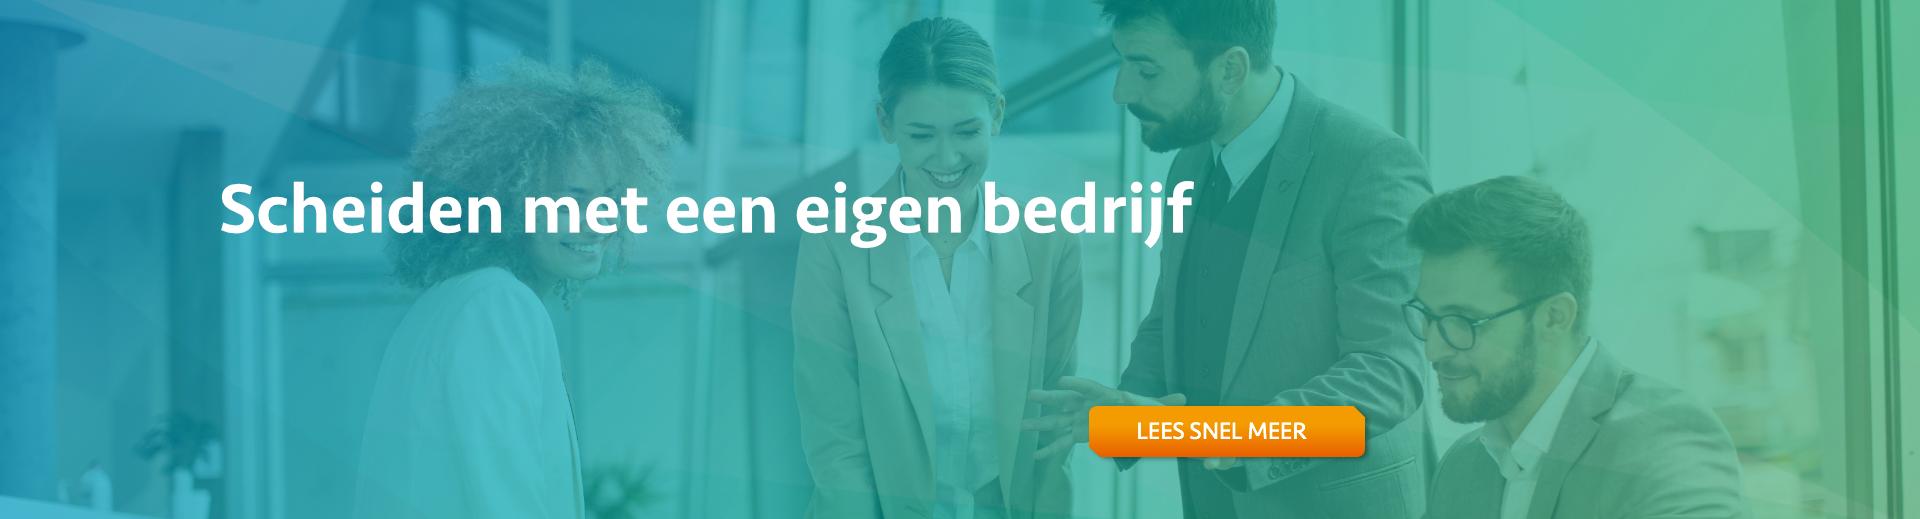 scheiden met een eigen bedrijf - Scheidingsplanner Maastricht - Heerlen - Gulpen